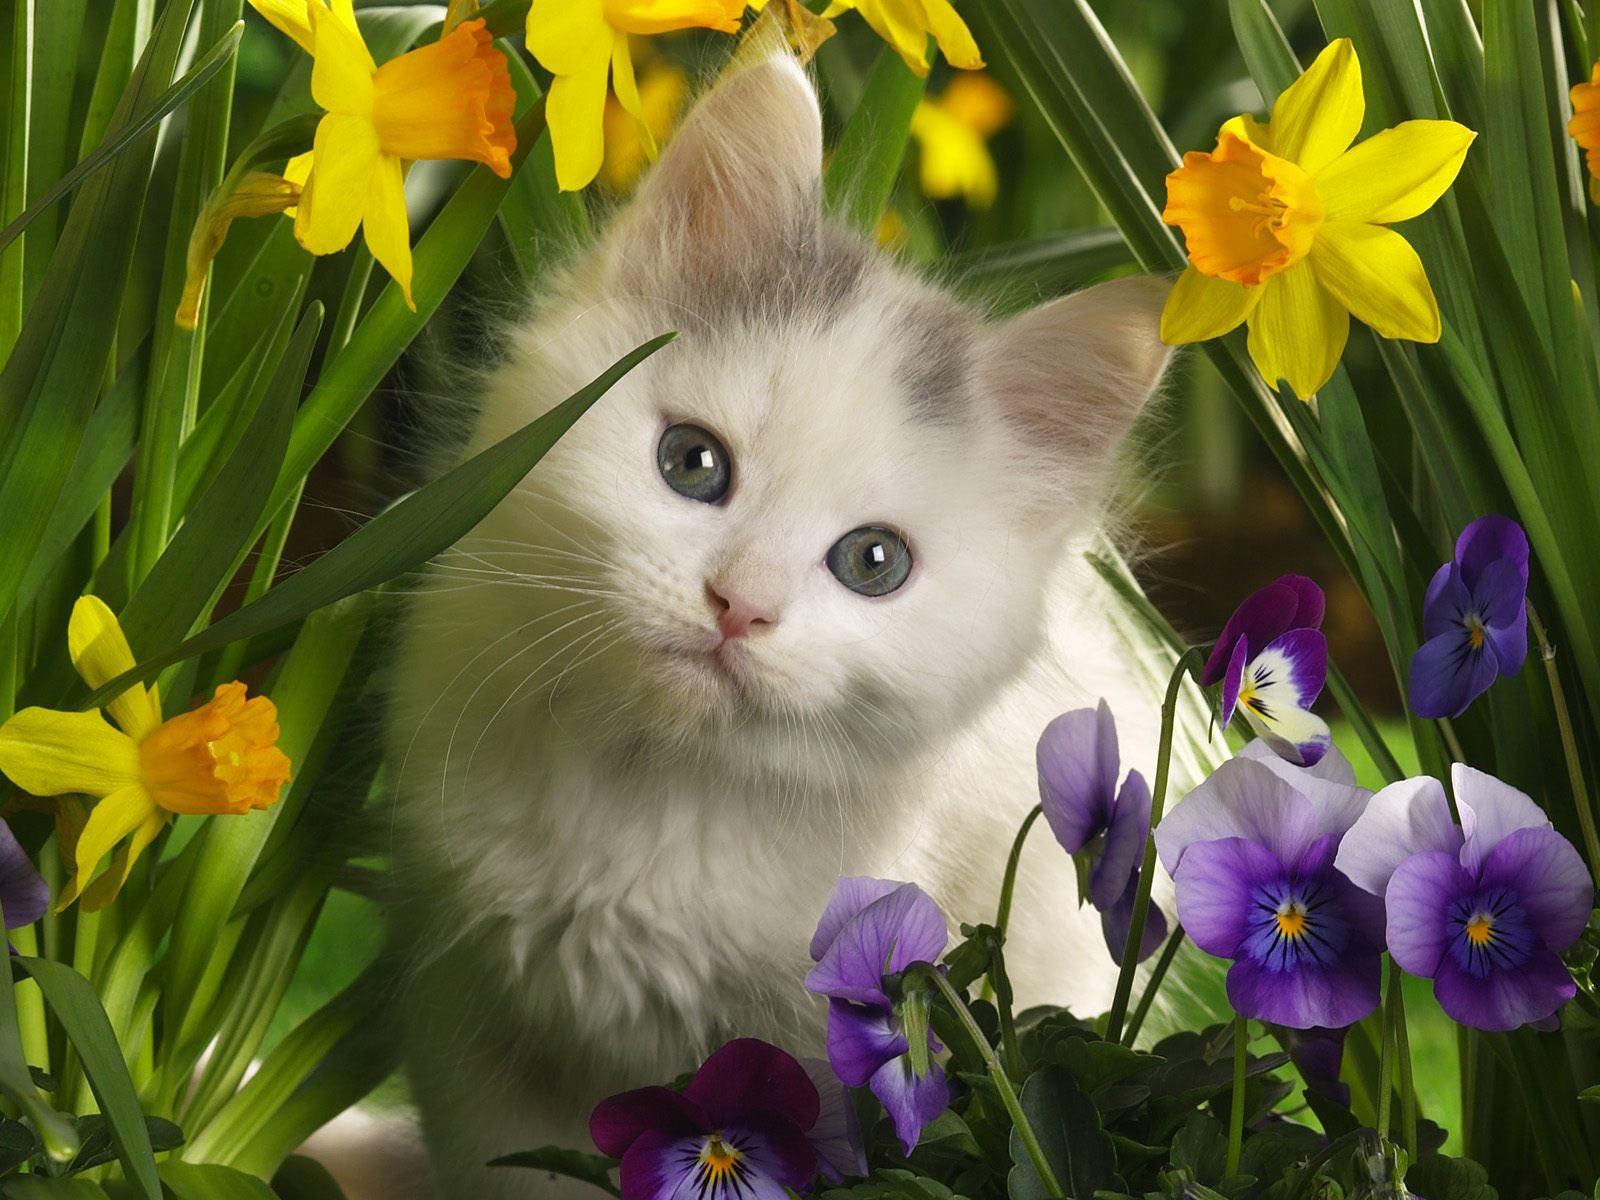 Pets   Wallpapers Pictures Photos Pics Images Desktop 1600x1200